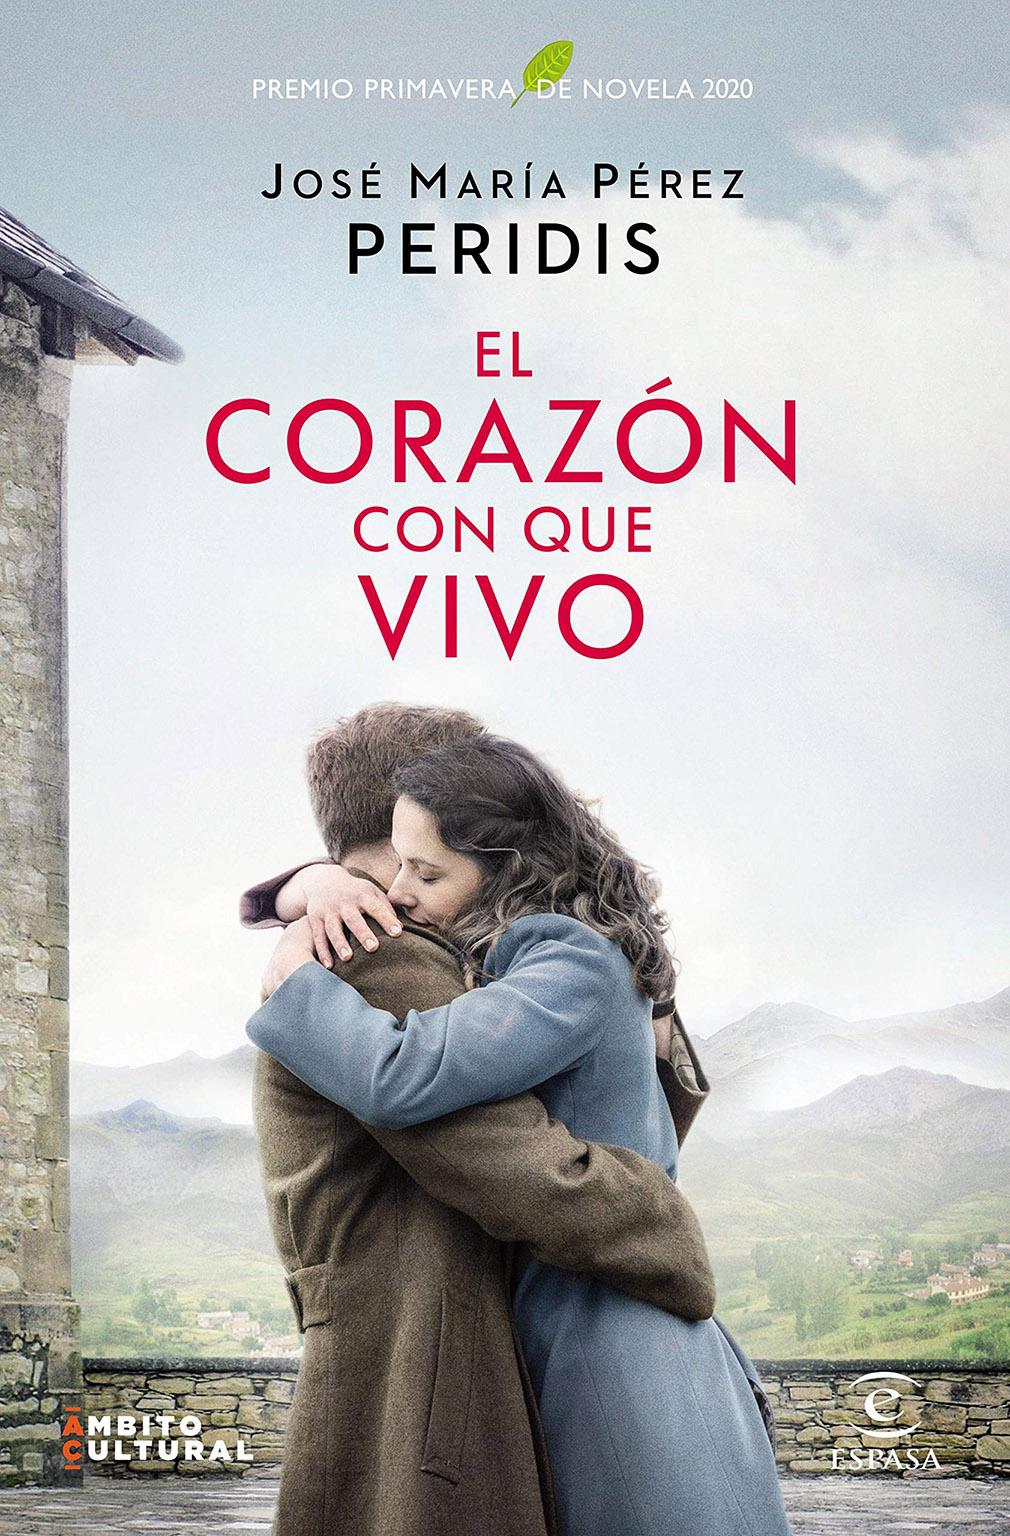 El corazón con que vivo (José María Pérez Peridis, 2020)